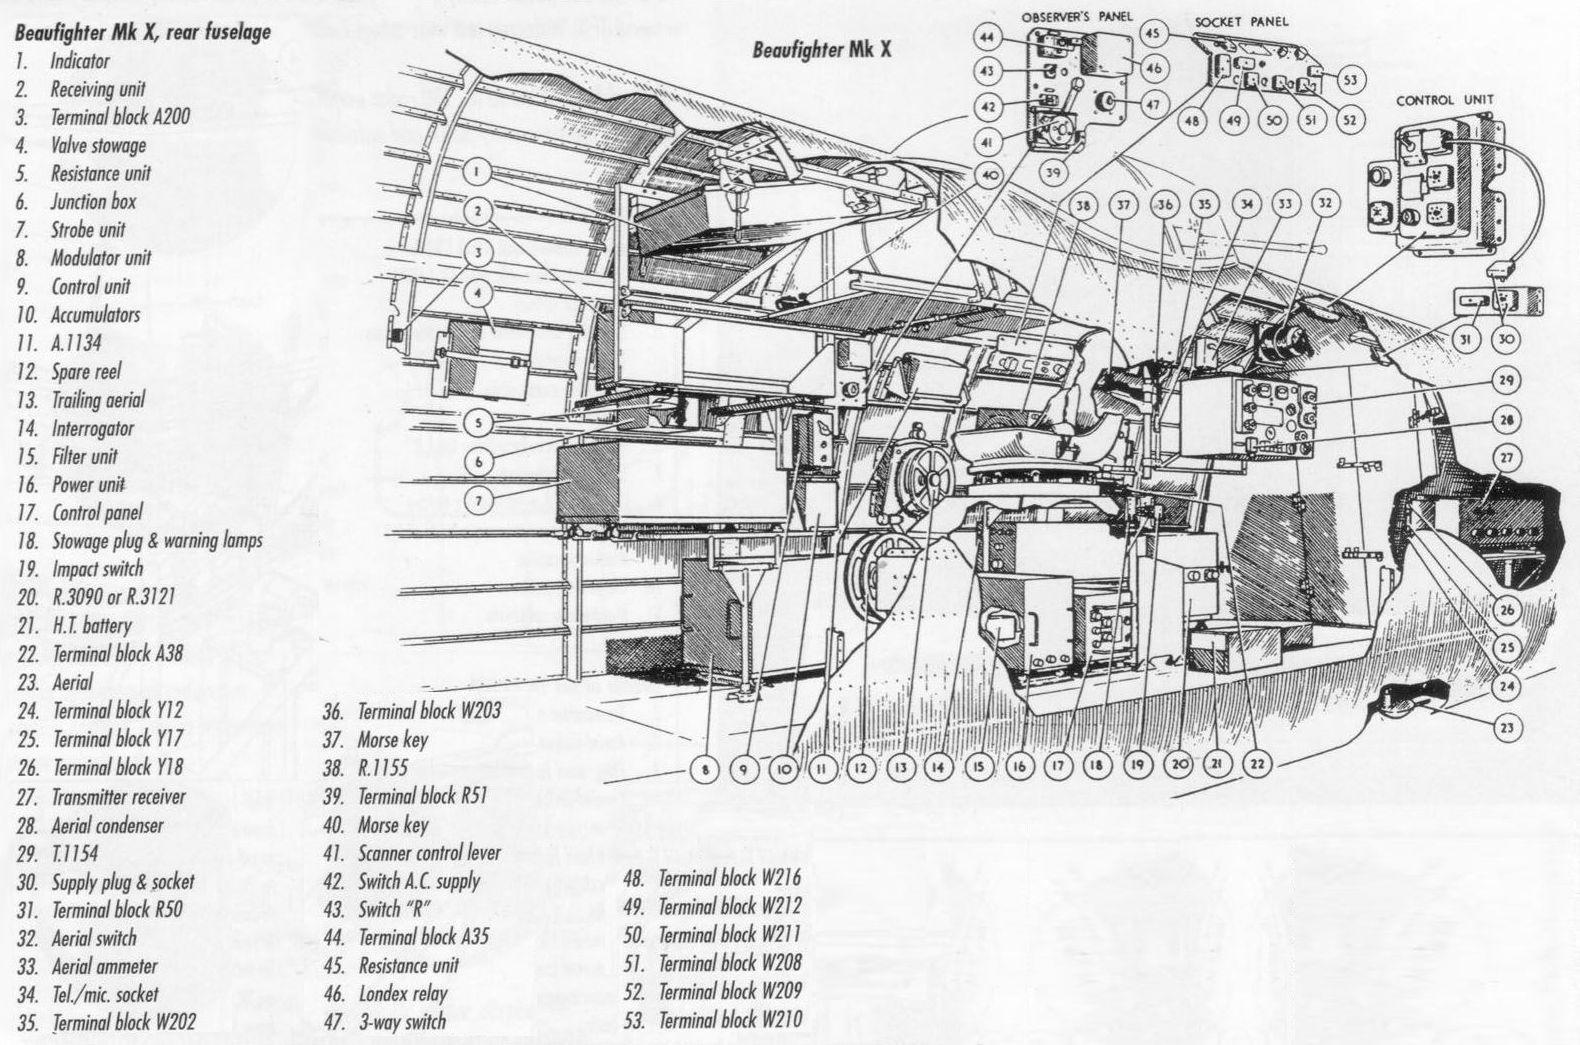 [DIAGRAM] A35 Engine Diagram